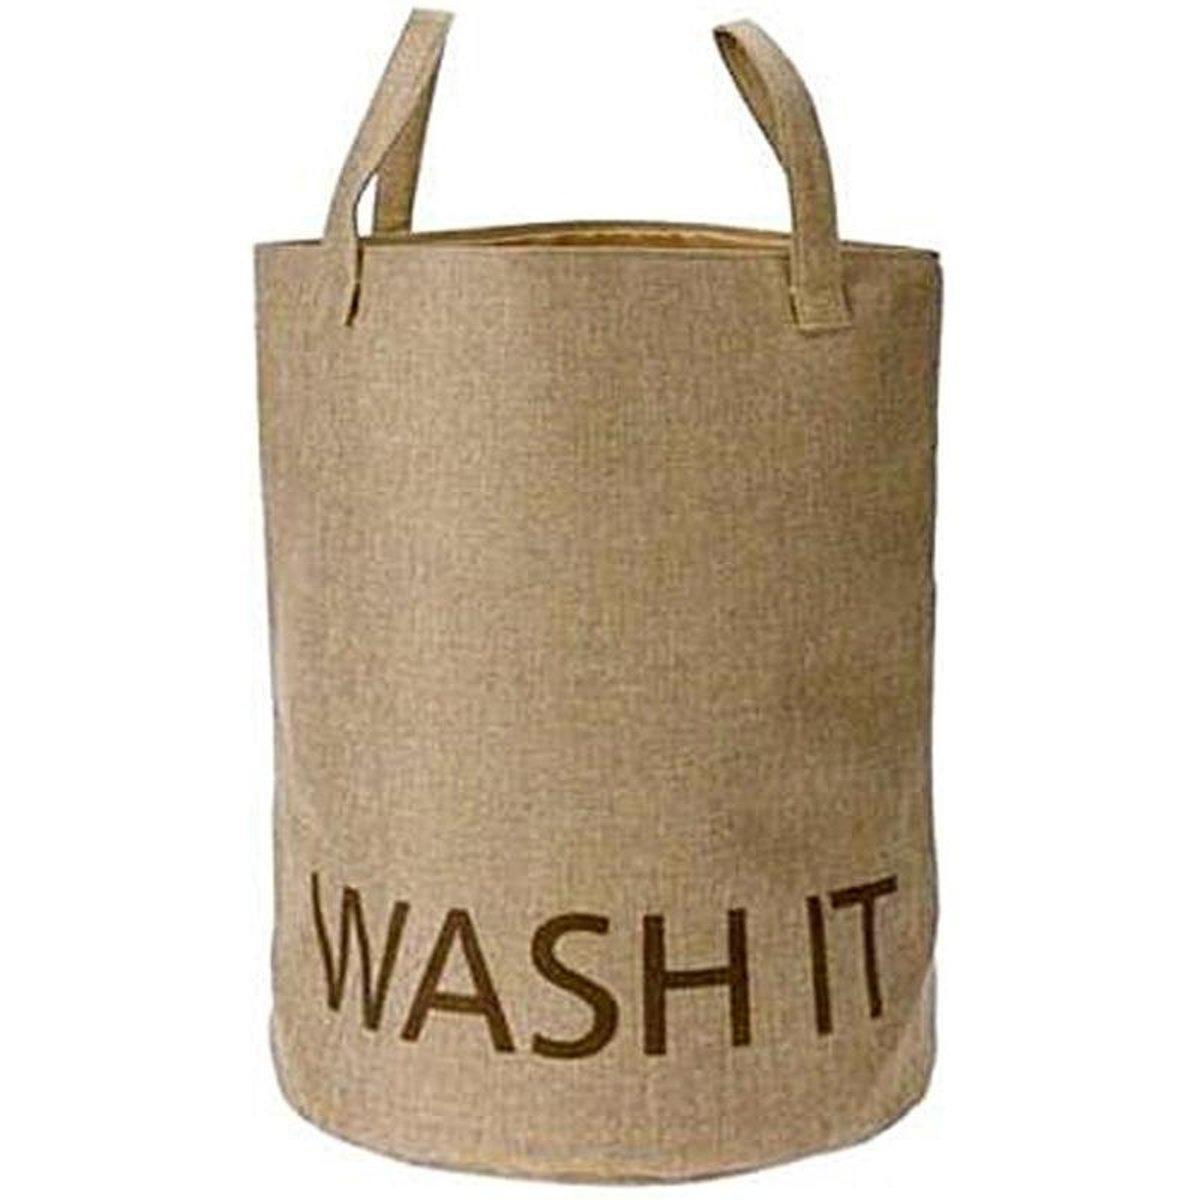 Waszak stof met handvatten bruin kopen